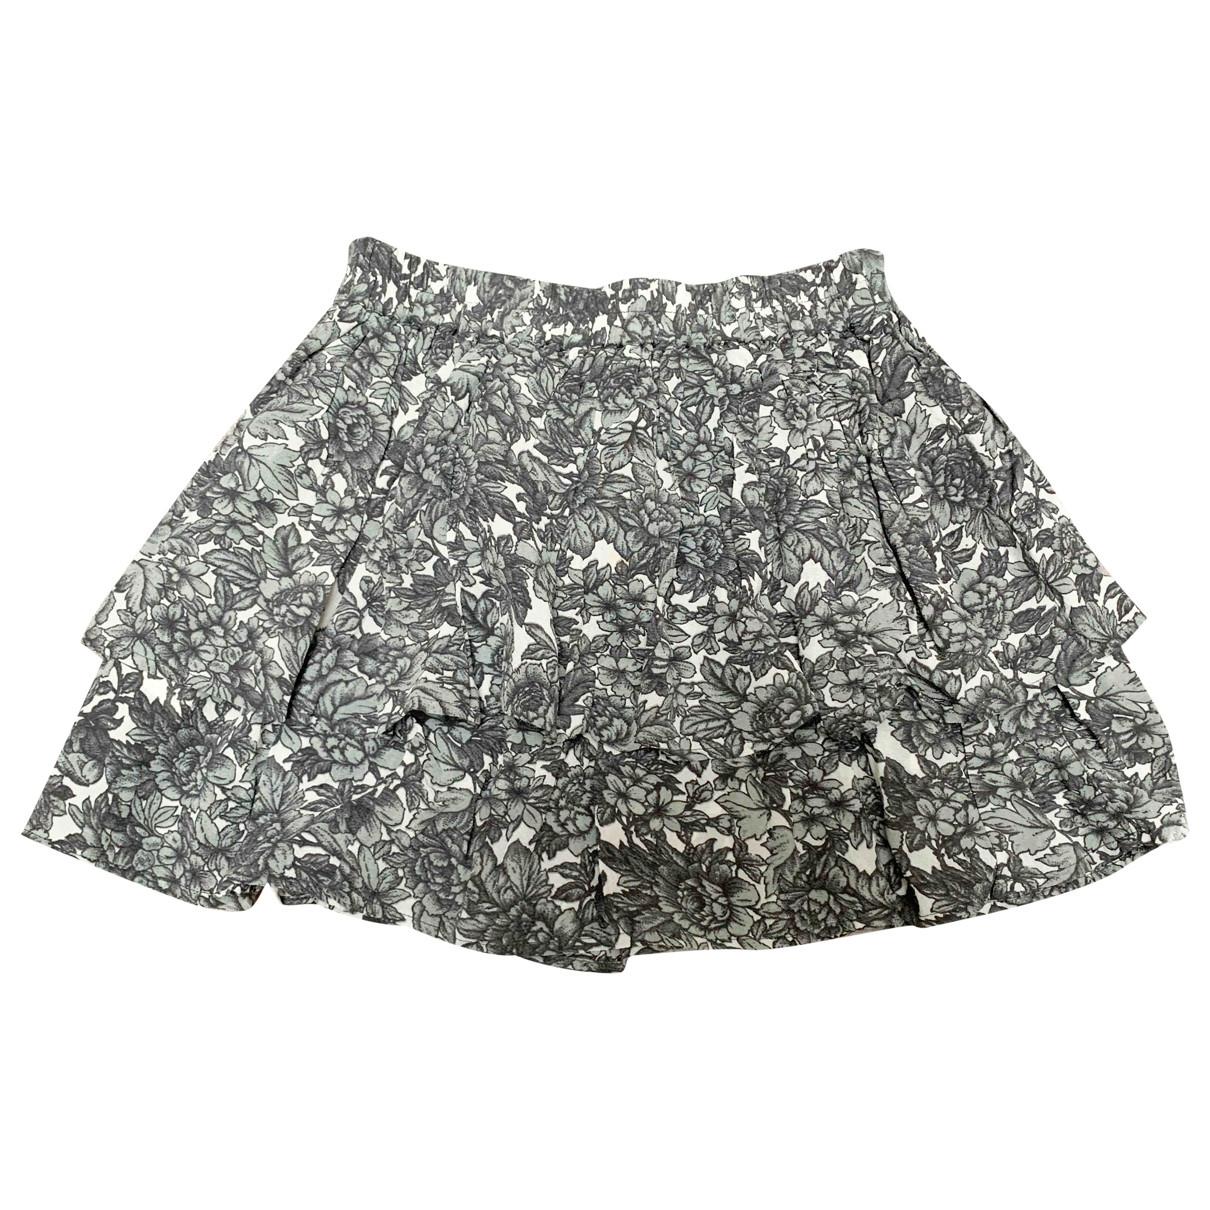 Ganni \N White skirt for Women XS International